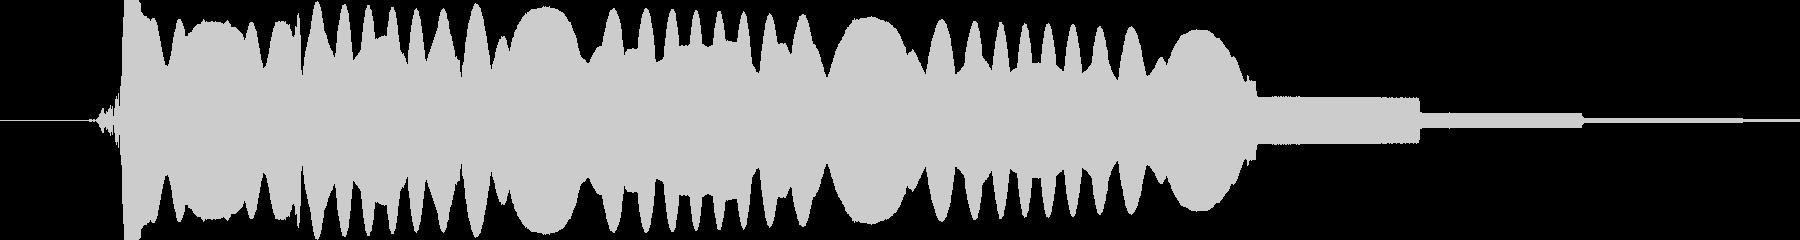 人工的な電波の音です。の未再生の波形